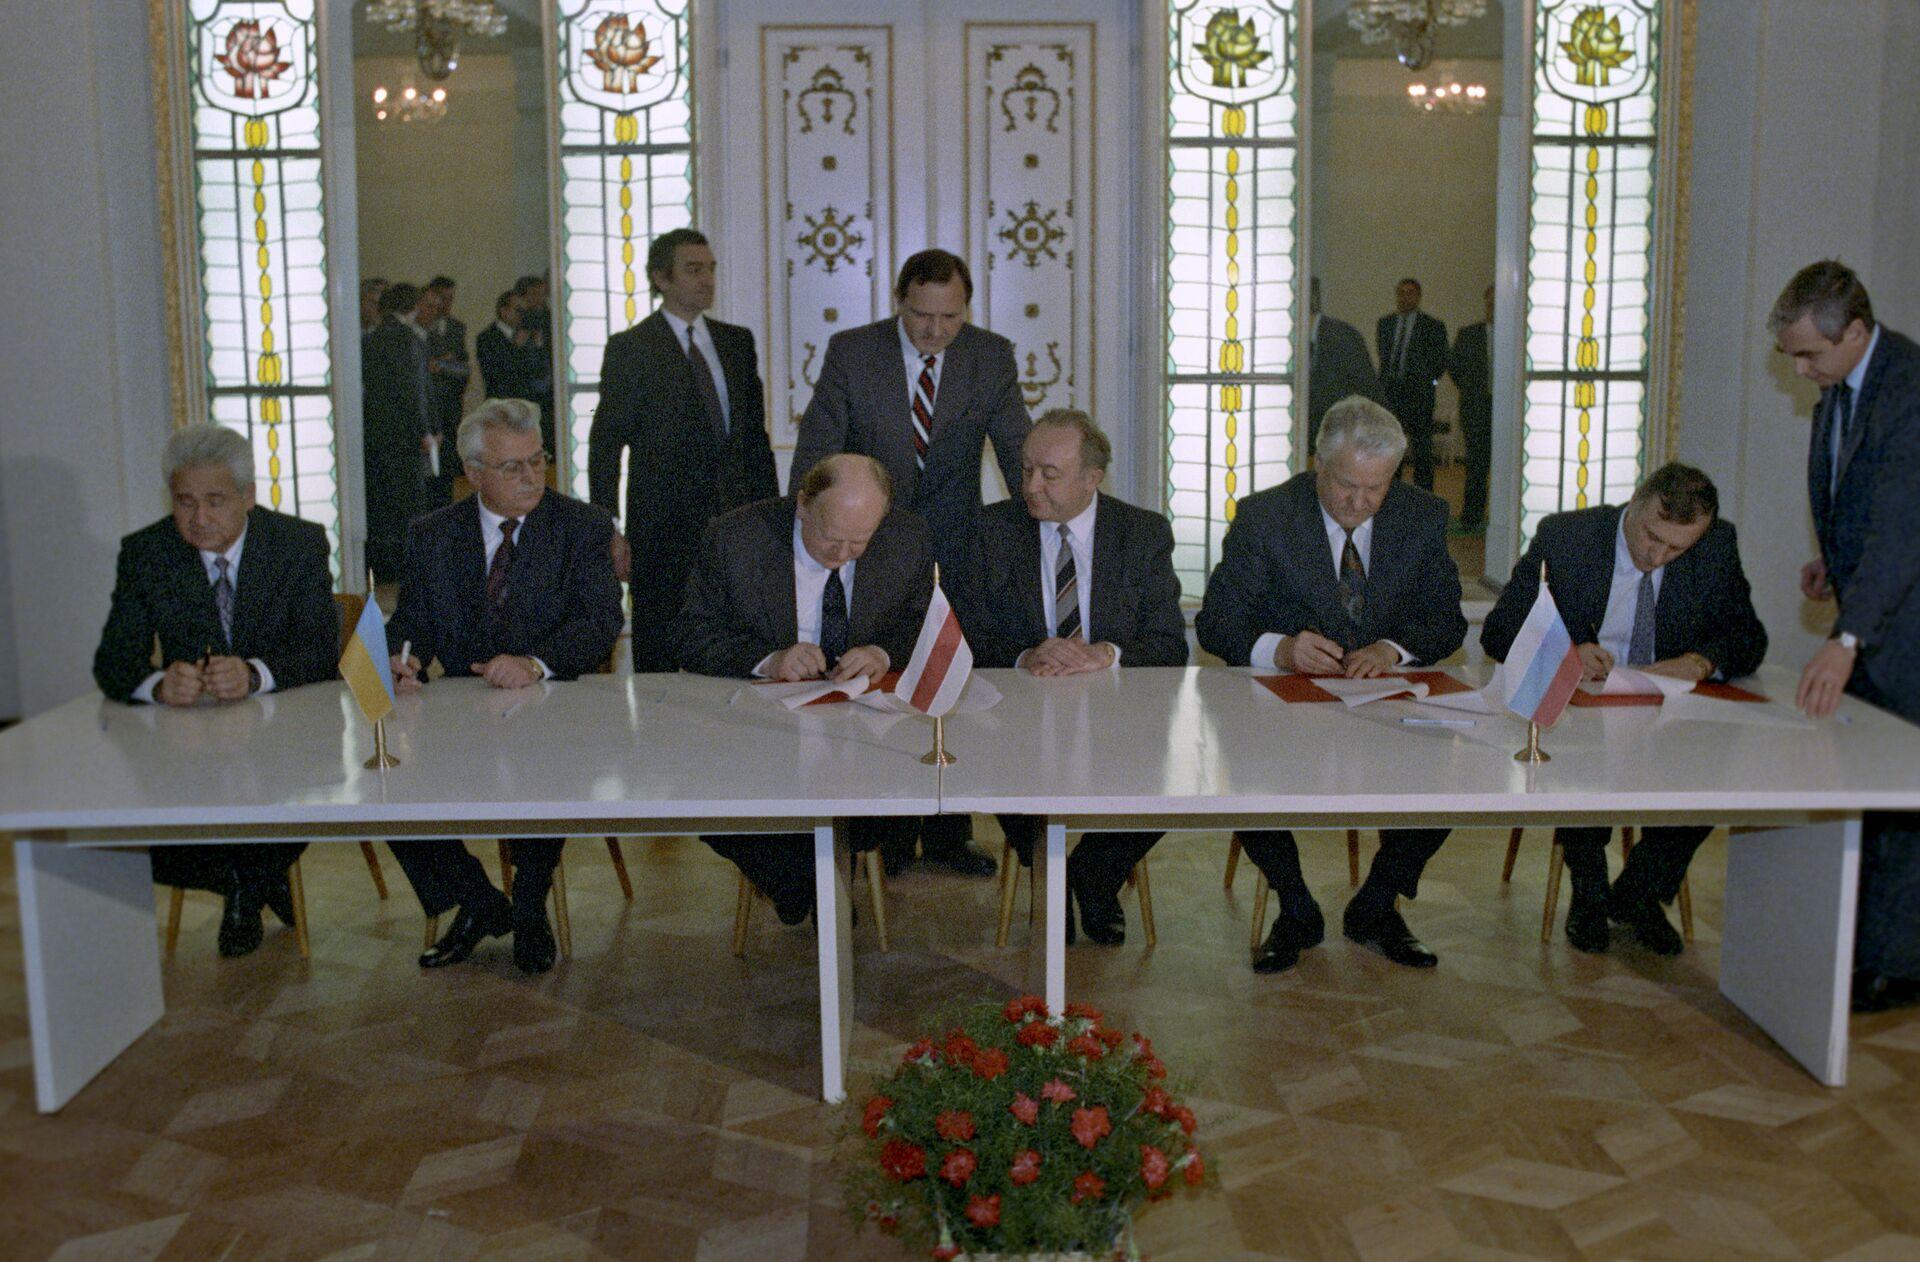 Подписание Беловежских соглашений в Белоруссии. 8 декабря 1991 года  - РИА Новости, 1920, 03.12.2020